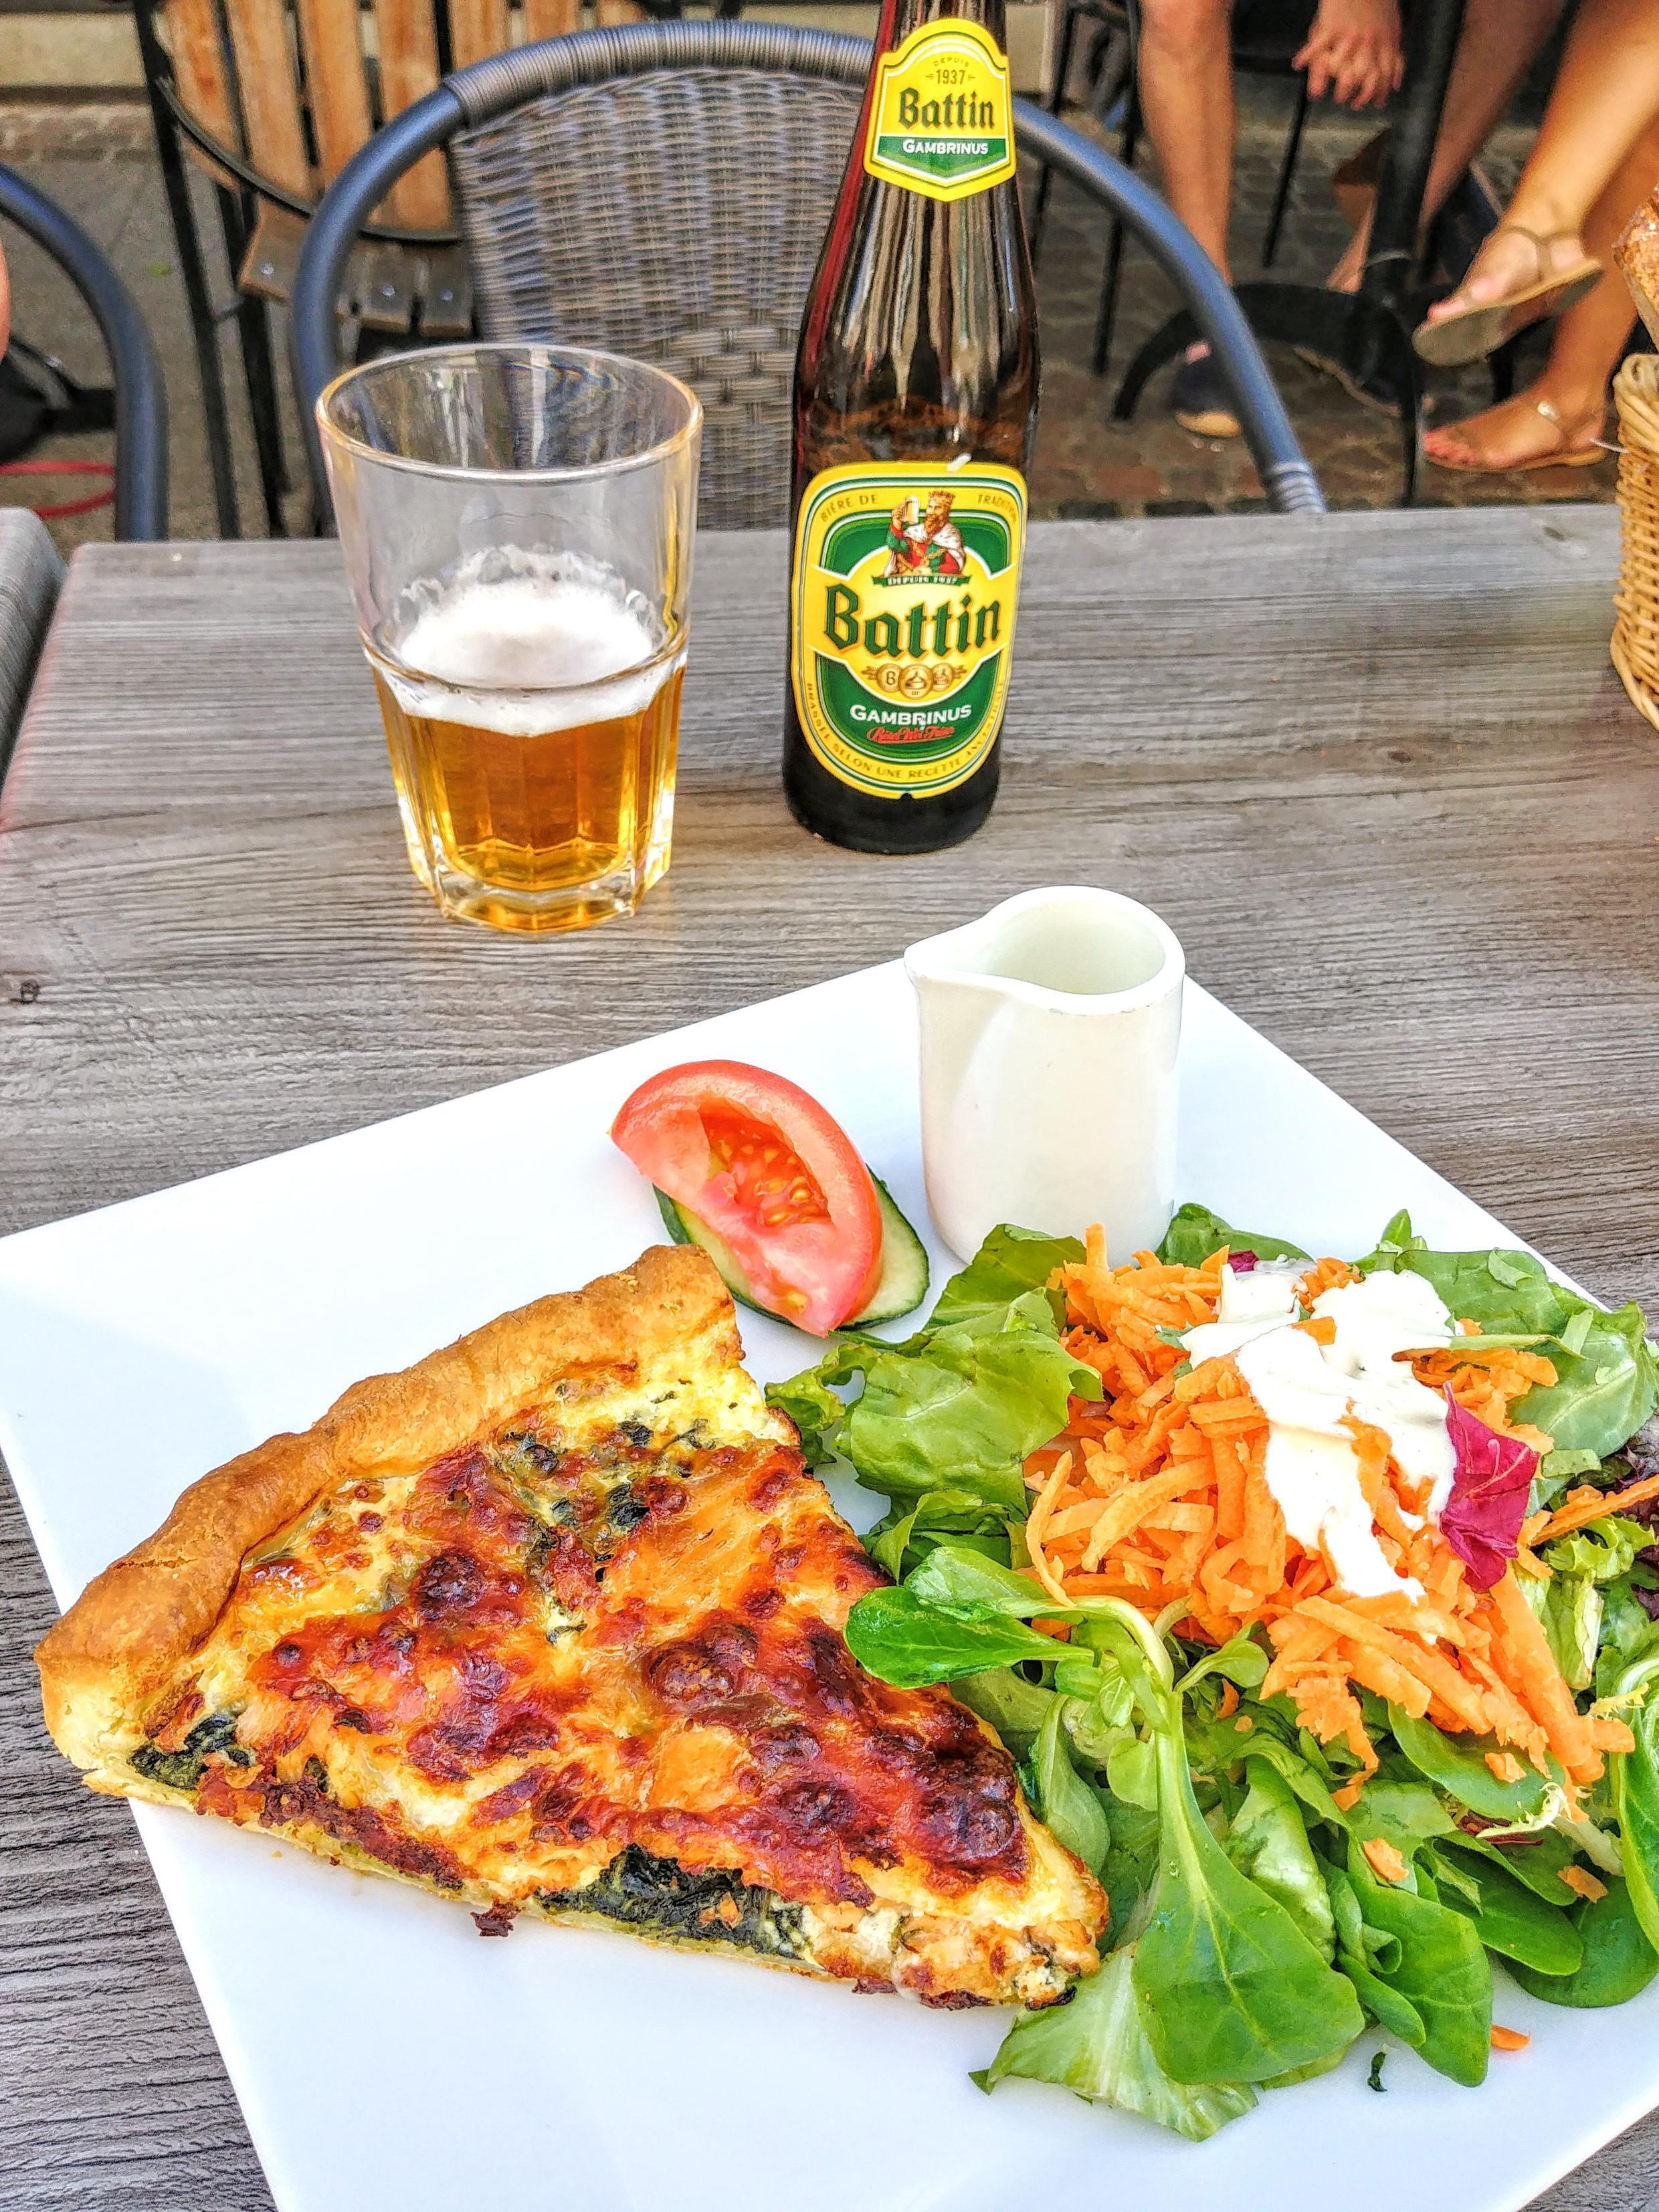 Loại bánh quiche làm với phô mai địa phương như Gros Lorrain hay là Carré de l'Est